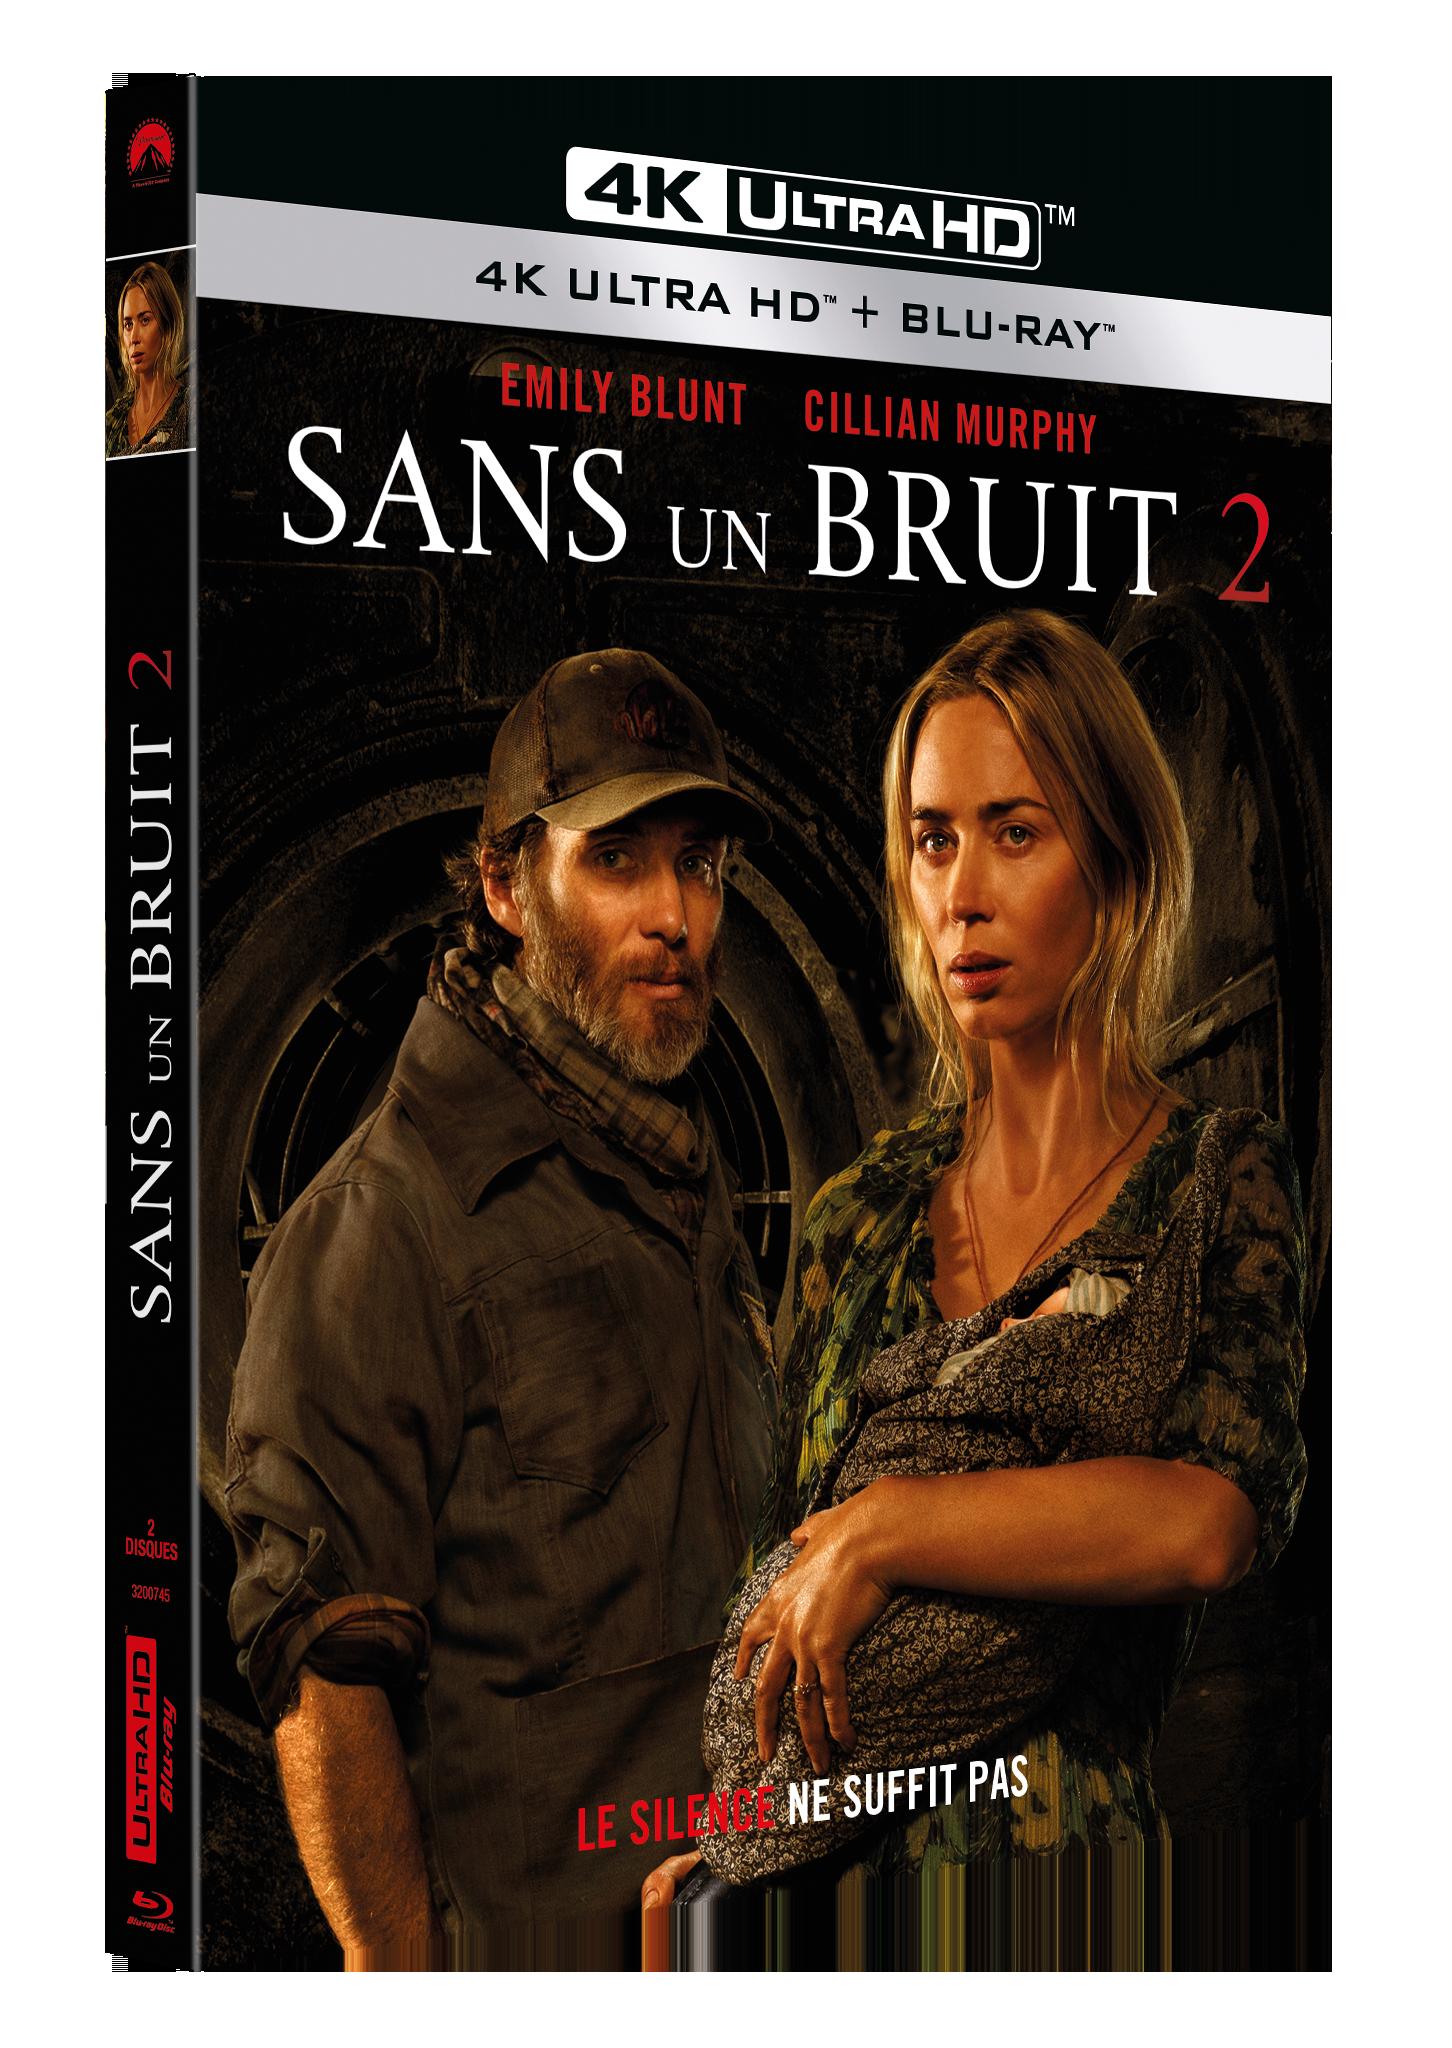 SANS UN BRUIT 2 - UHD 4K + BRD